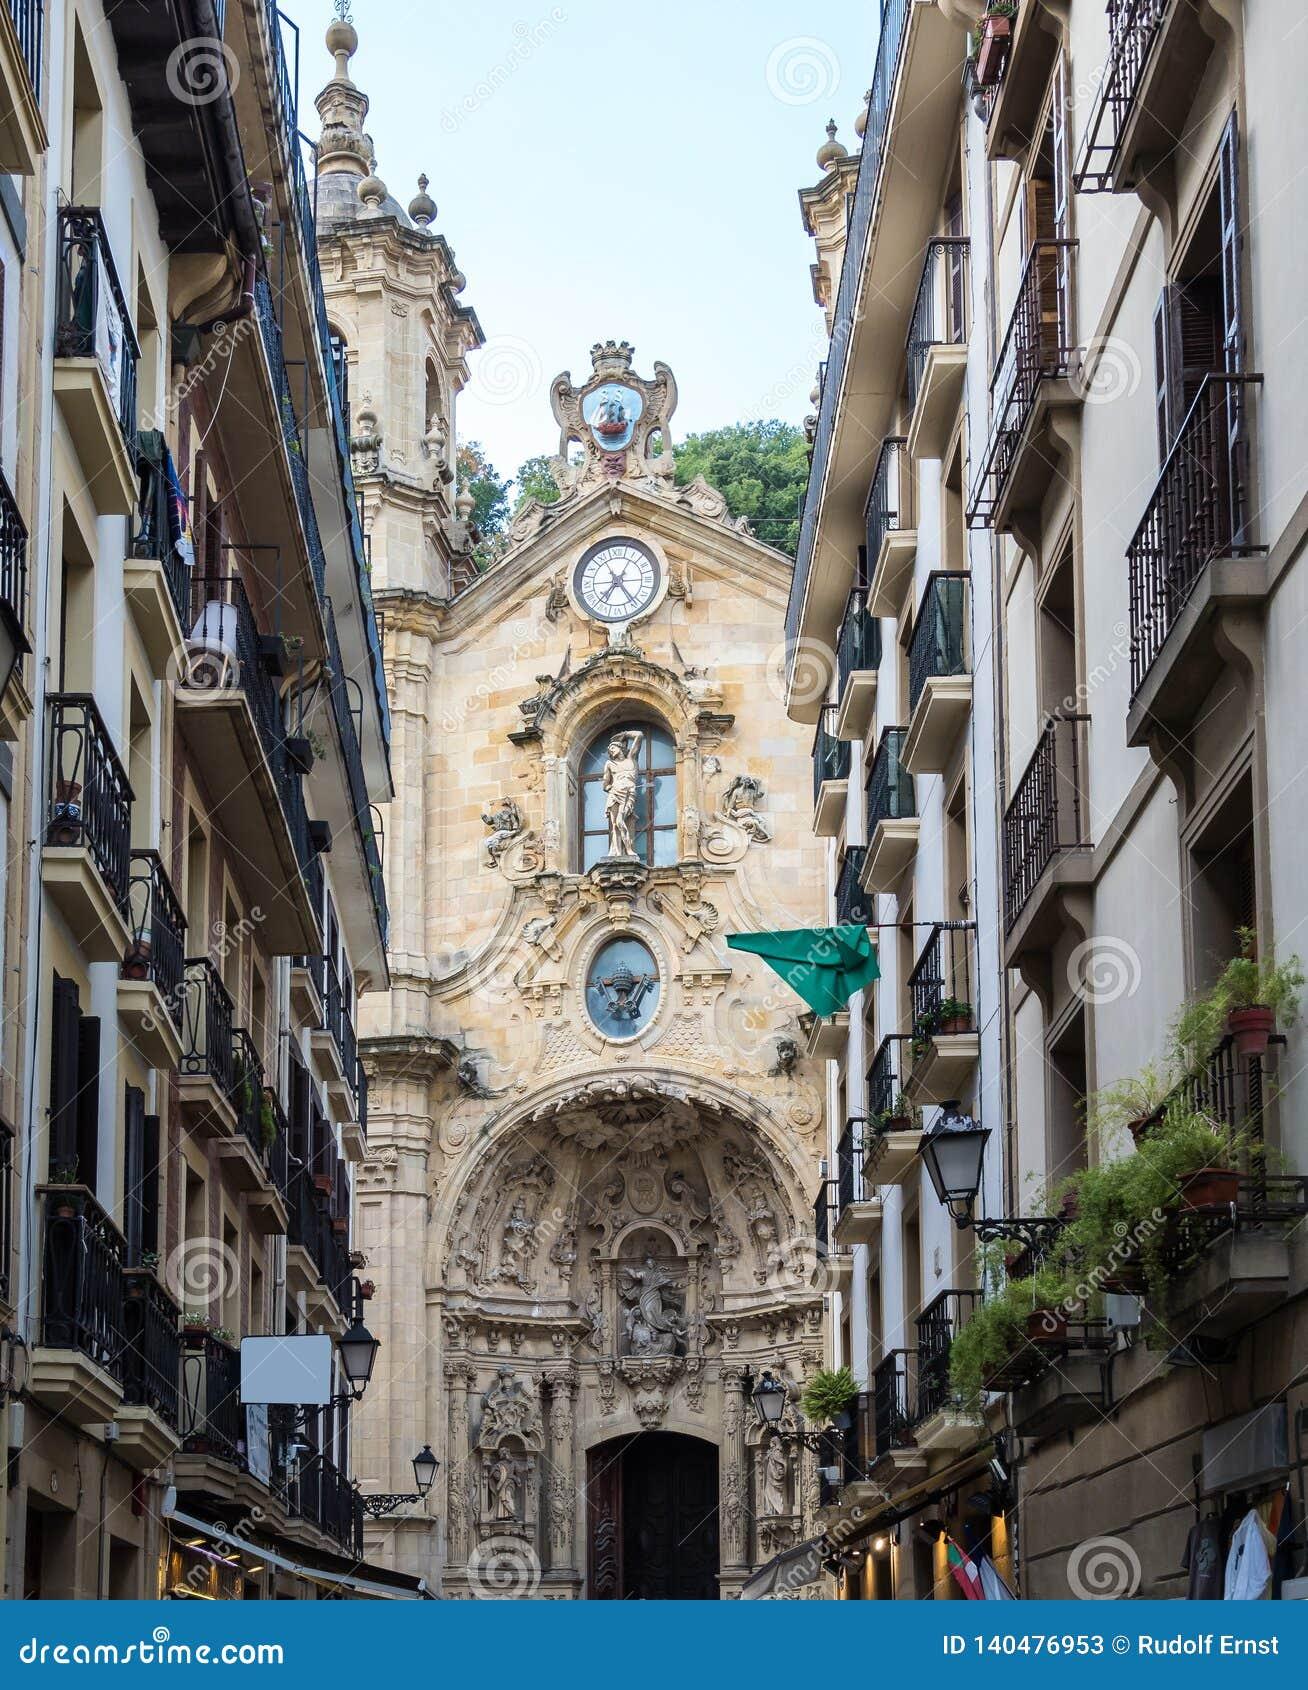 Basílica de Santa Maria del Coro en San Sebastian - Donostia, España